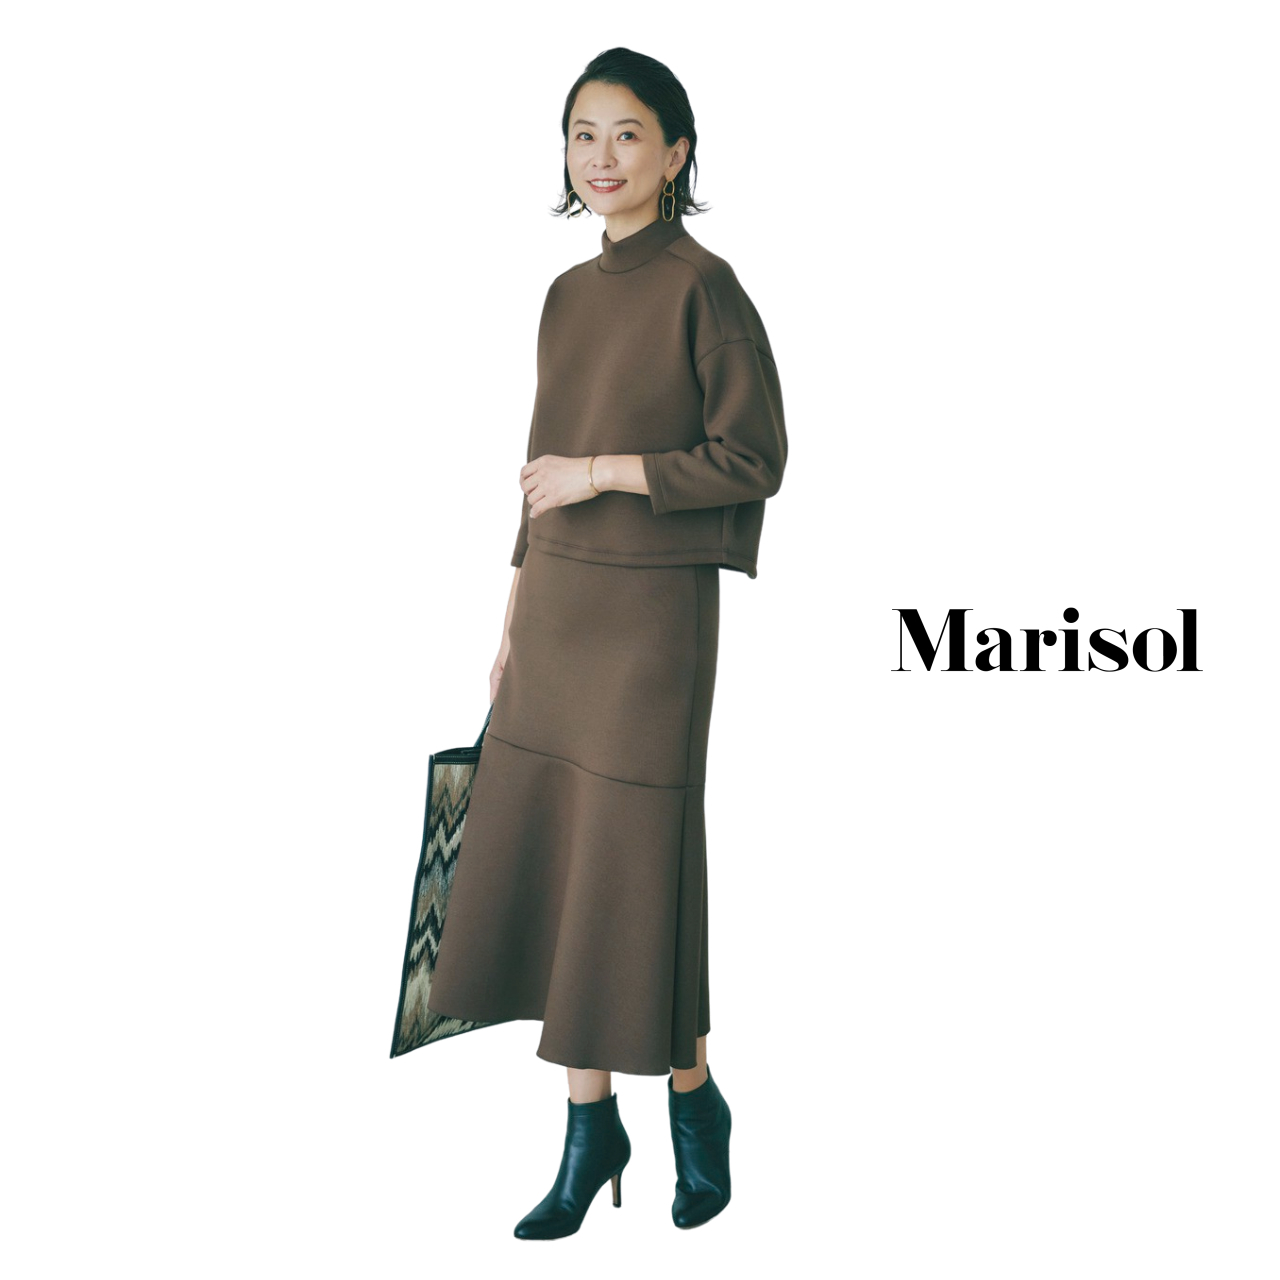 40代ファッション ニット×ニットスカートのセットアップコーデ